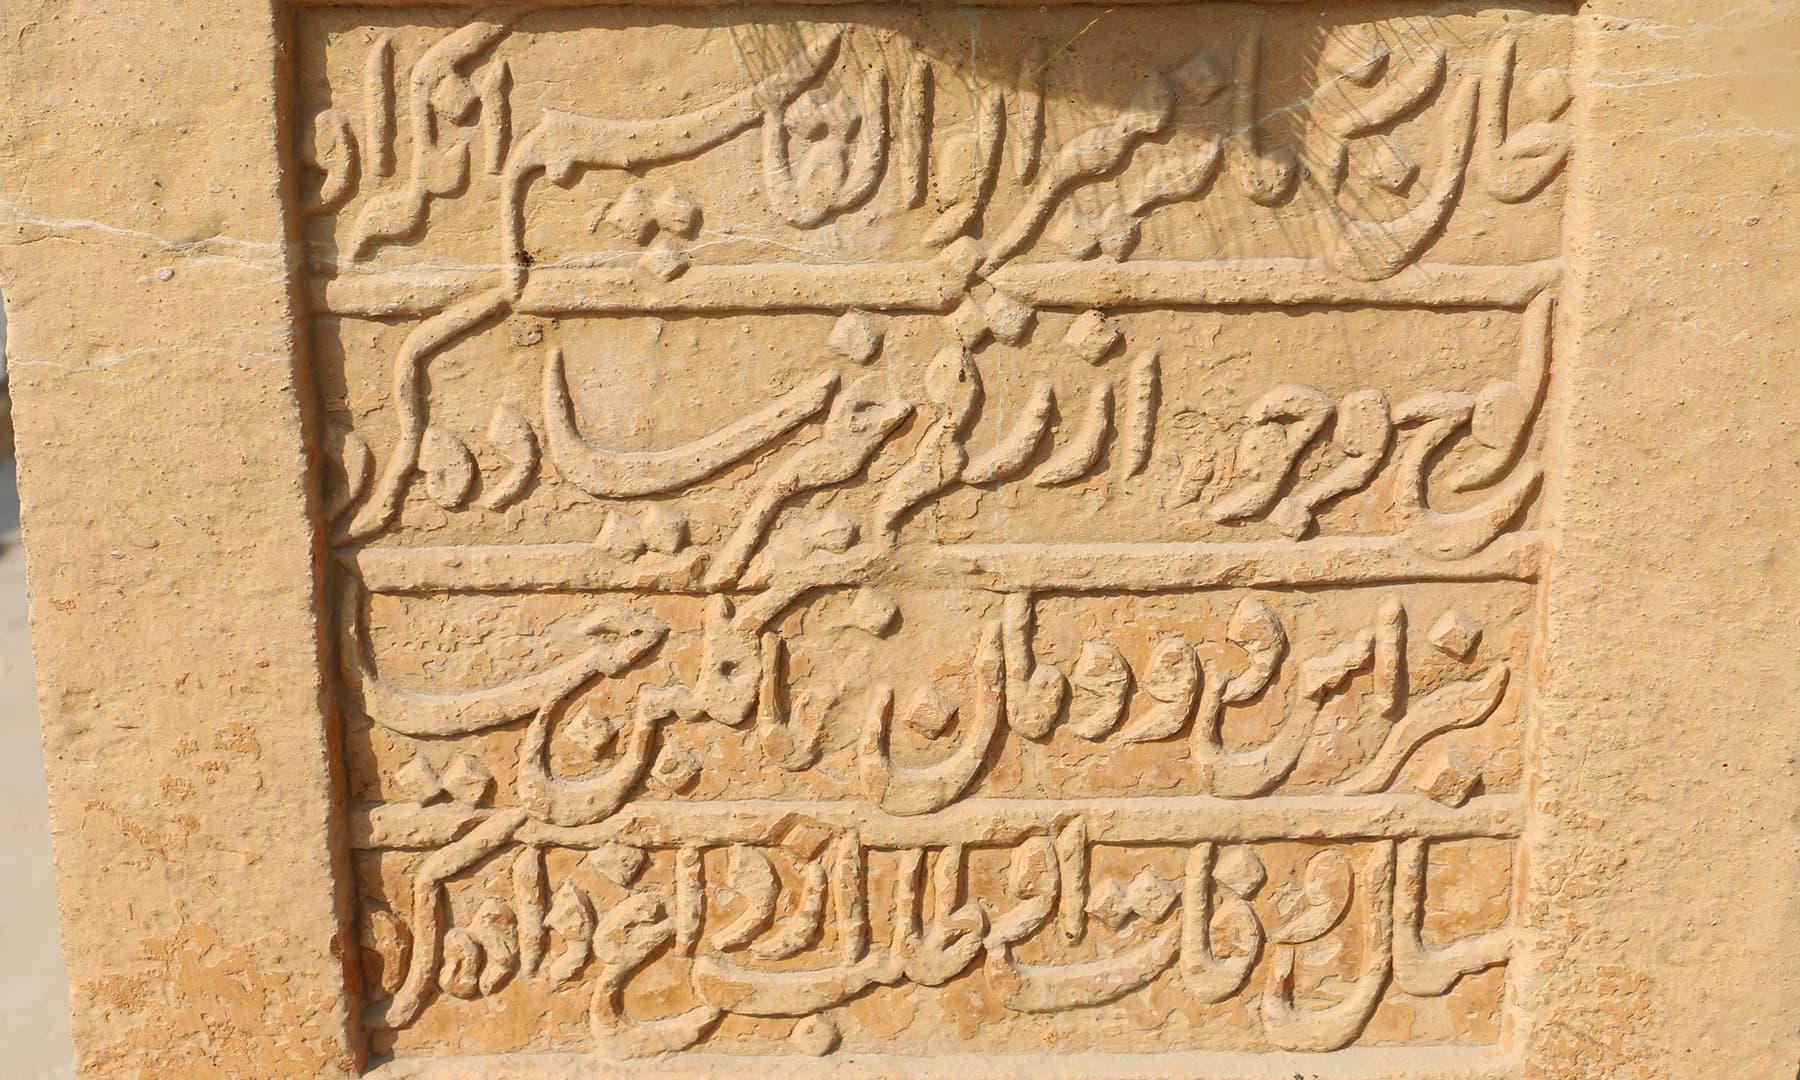 ابو القاسم کی قبر پر لگا کتبہ—ابراہیم کنبھر